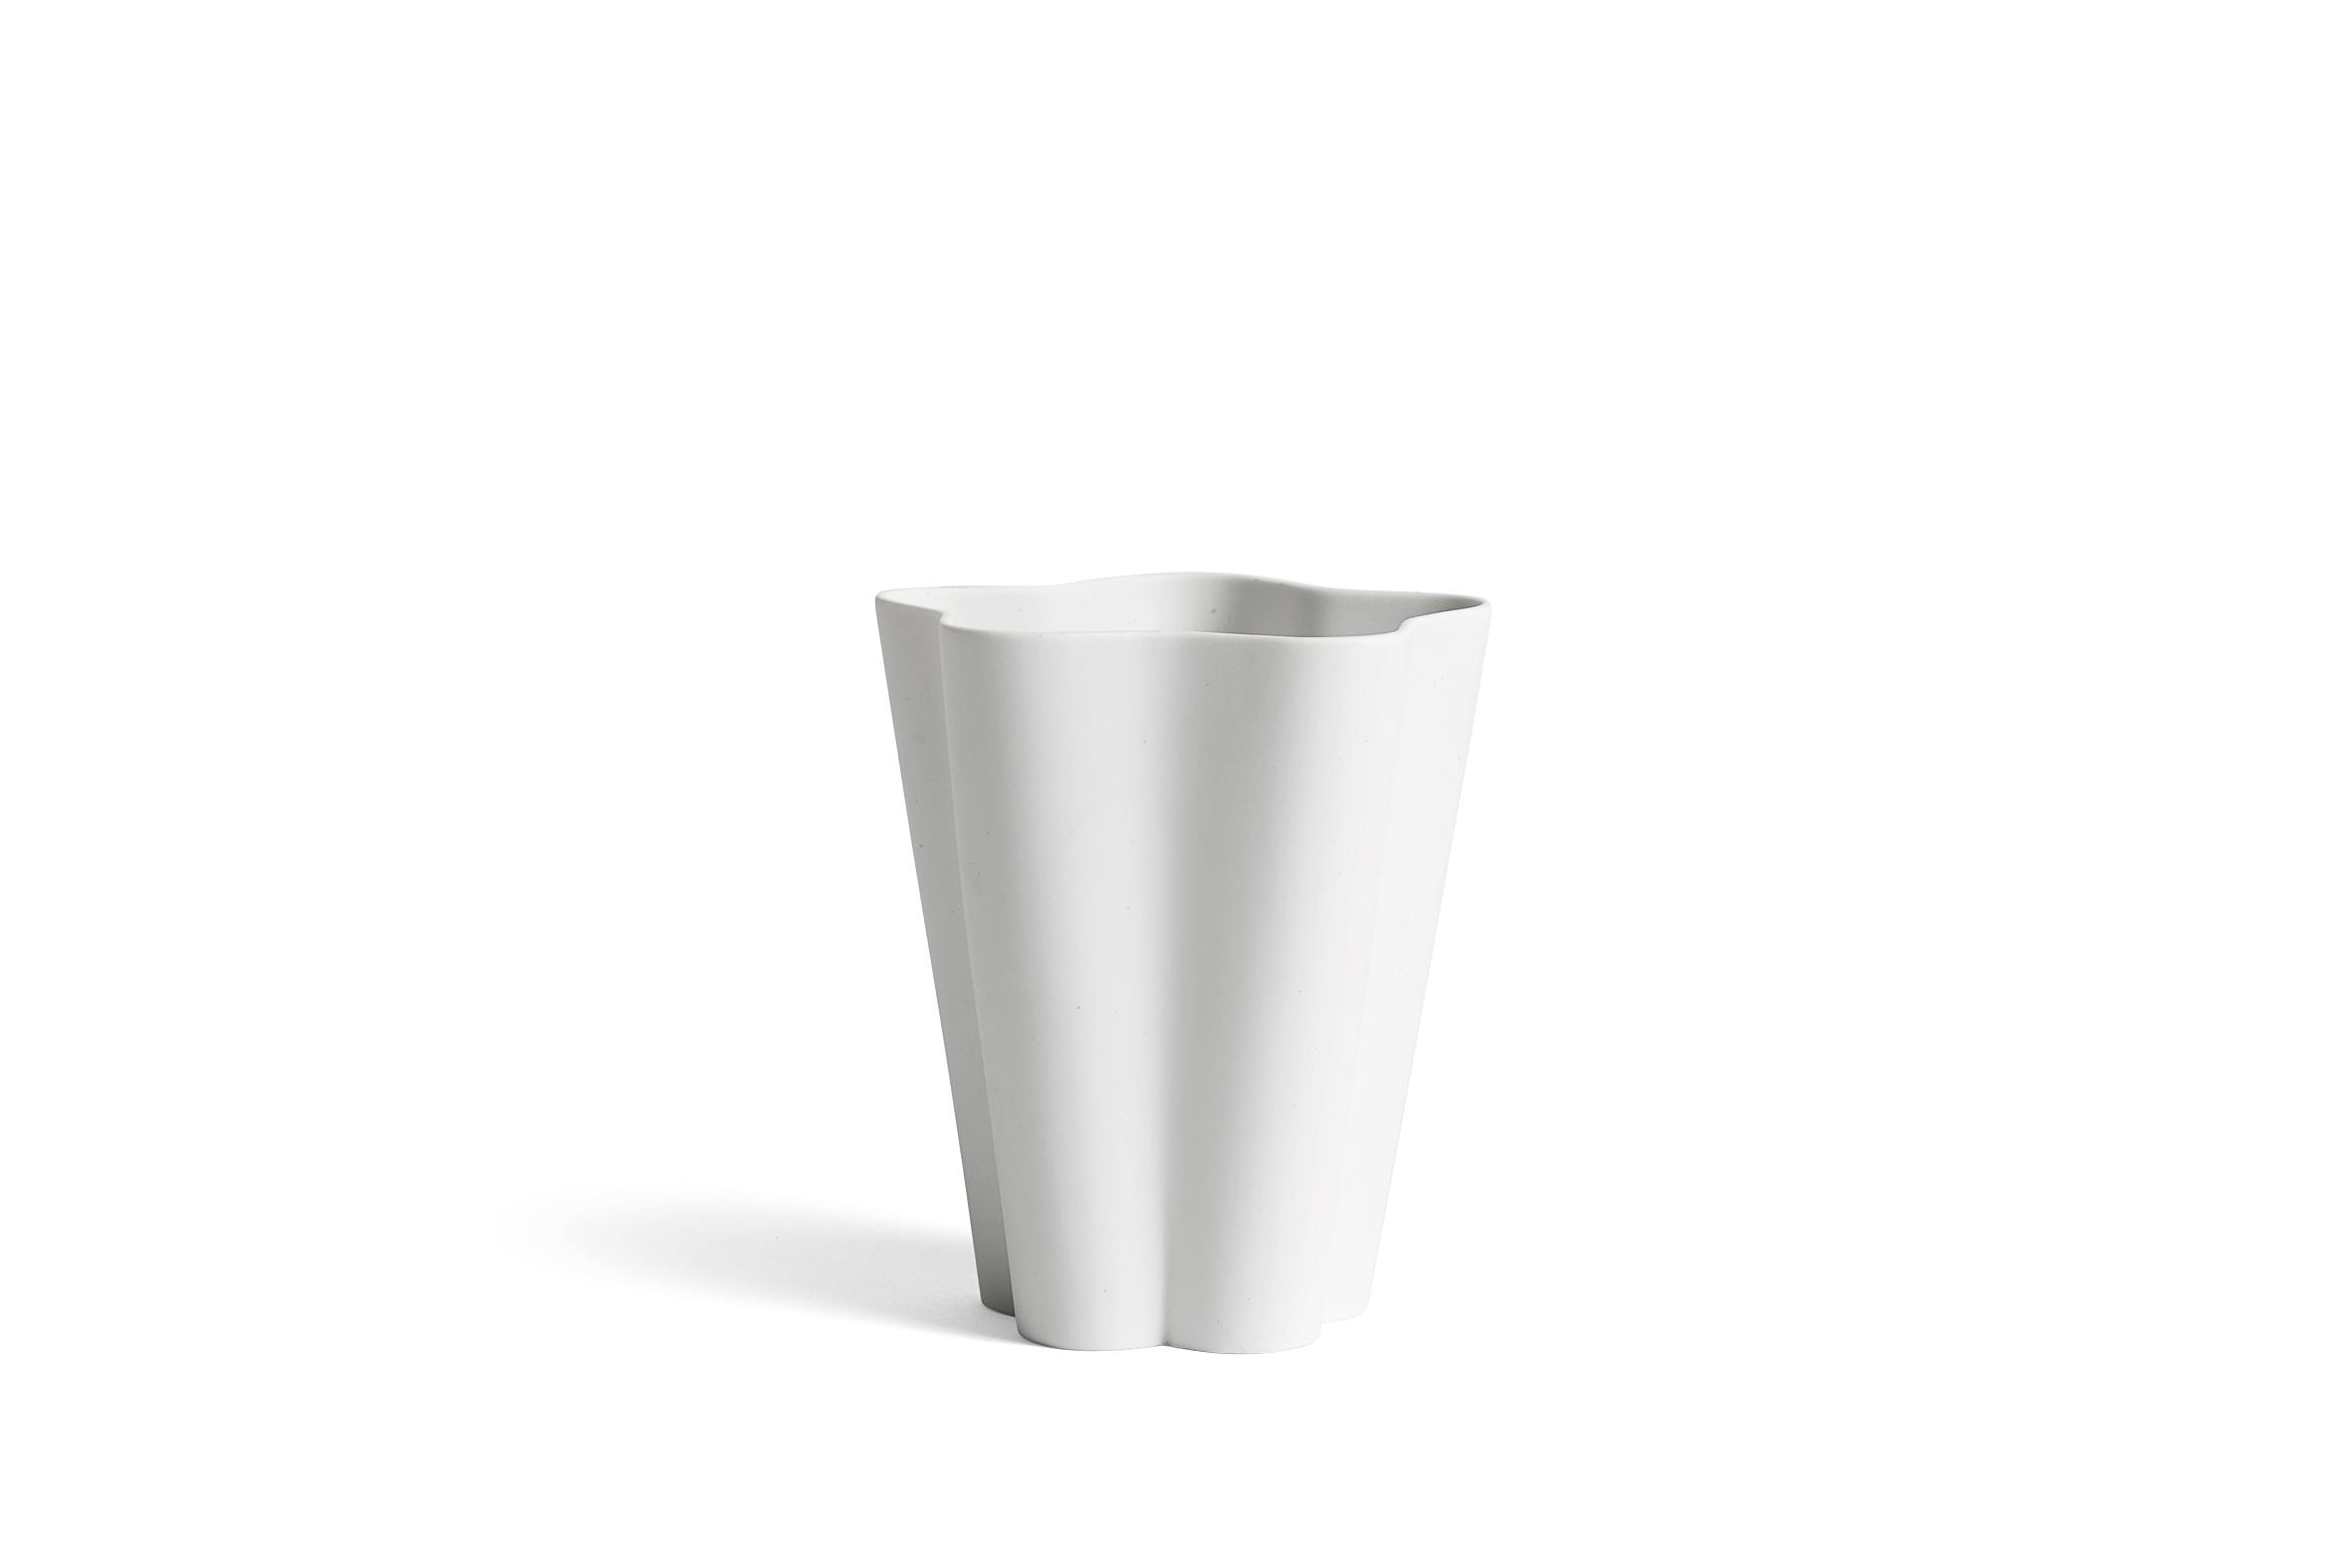 506552_Iris Vase S off white-2